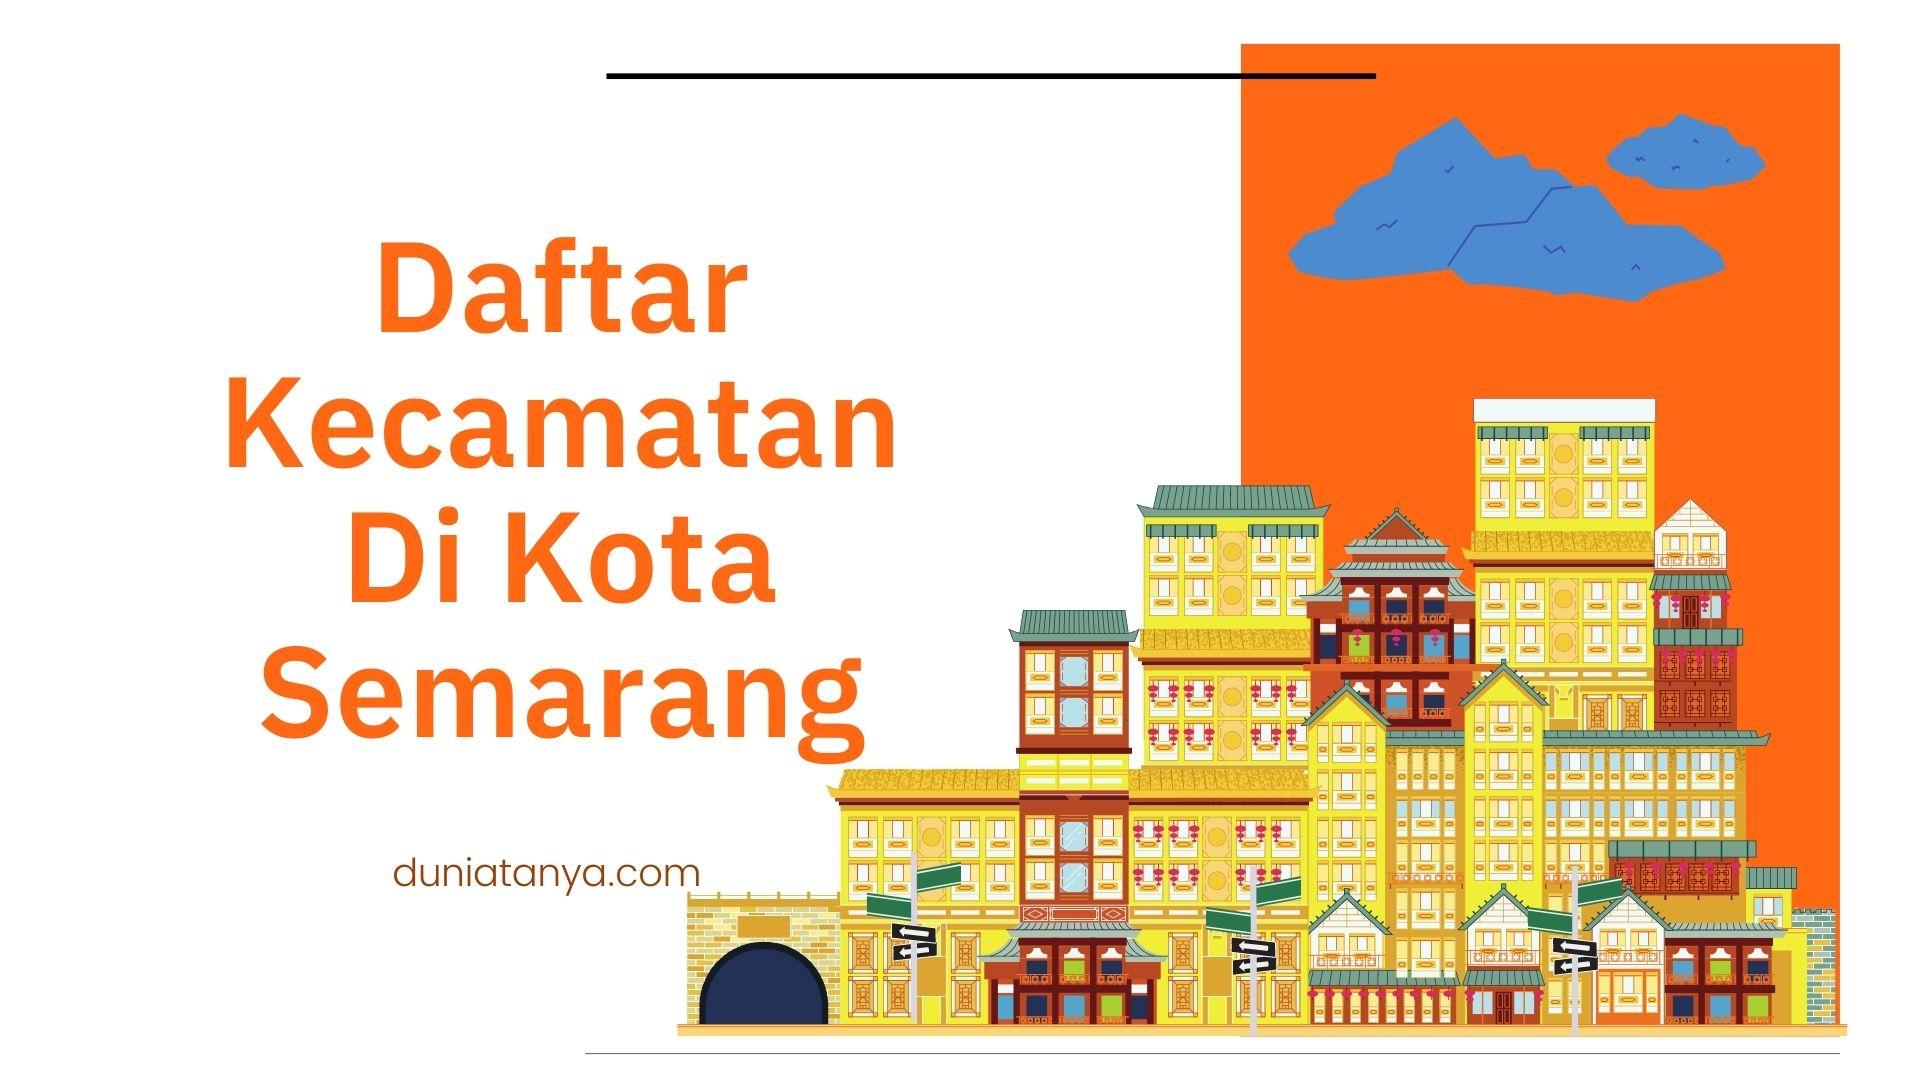 You are currently viewing Daftar Kecamatan Di Kota Semarang